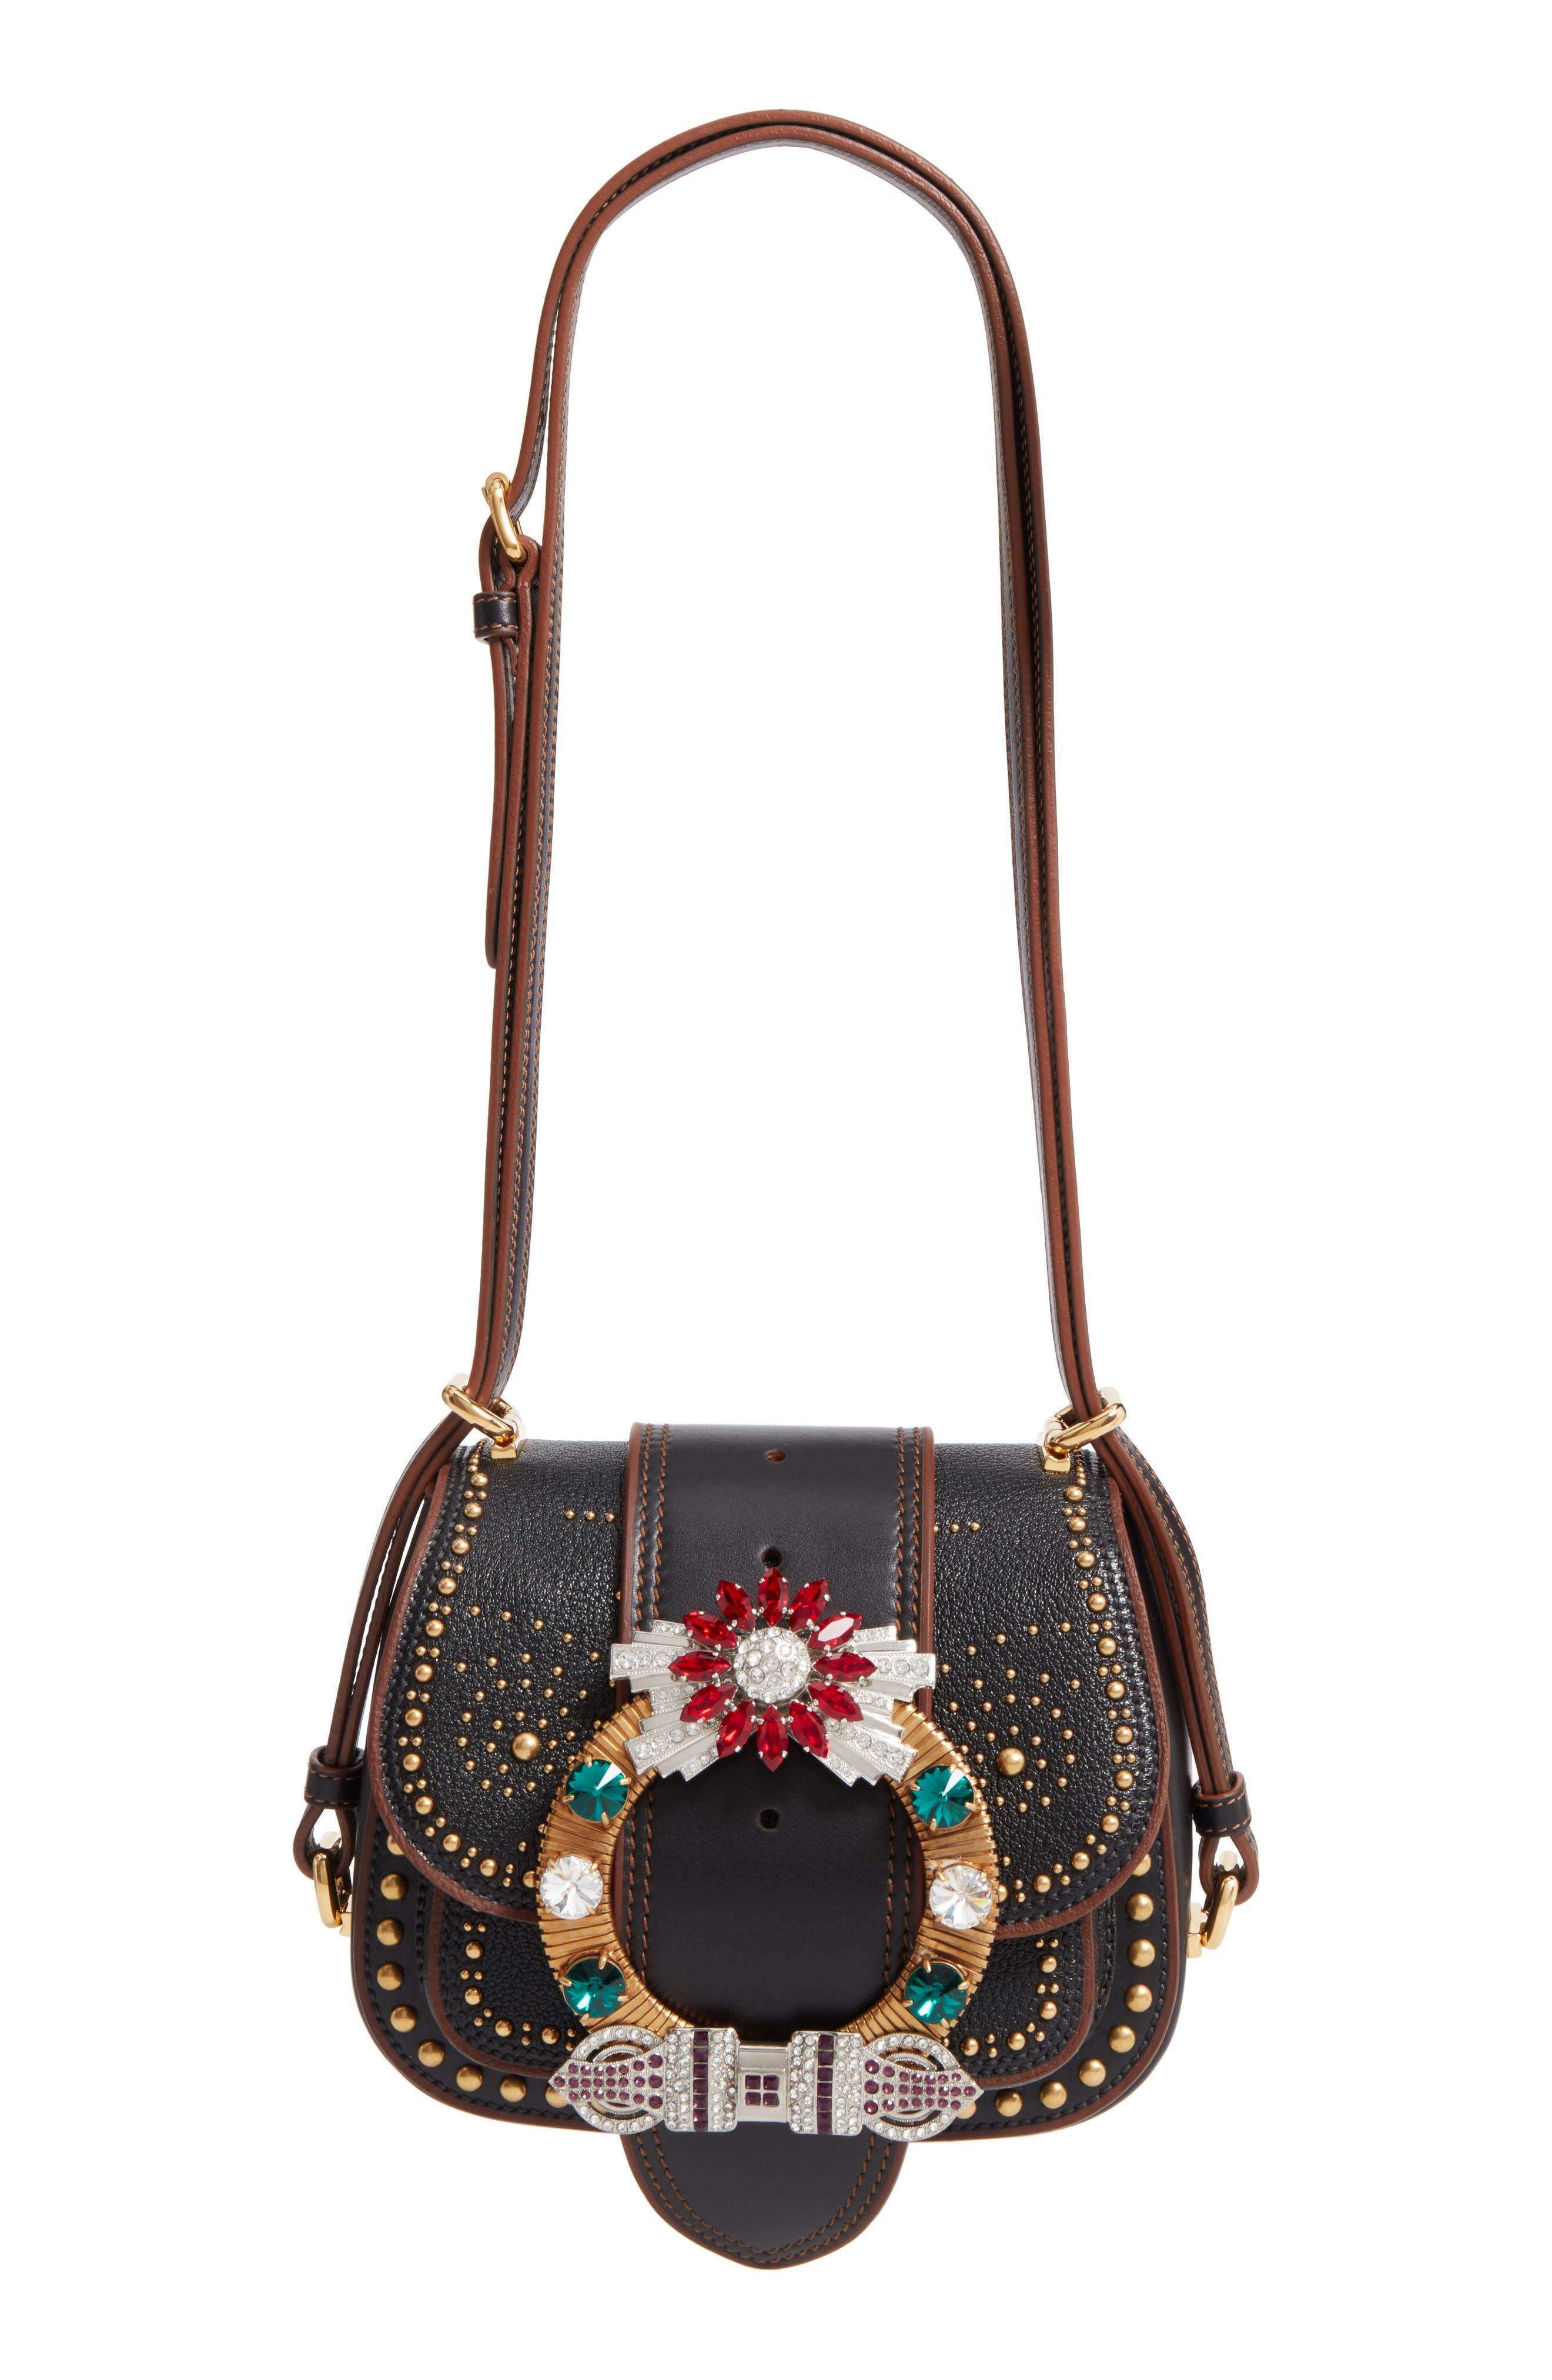 Miu Miu Matelasse Flap Bag